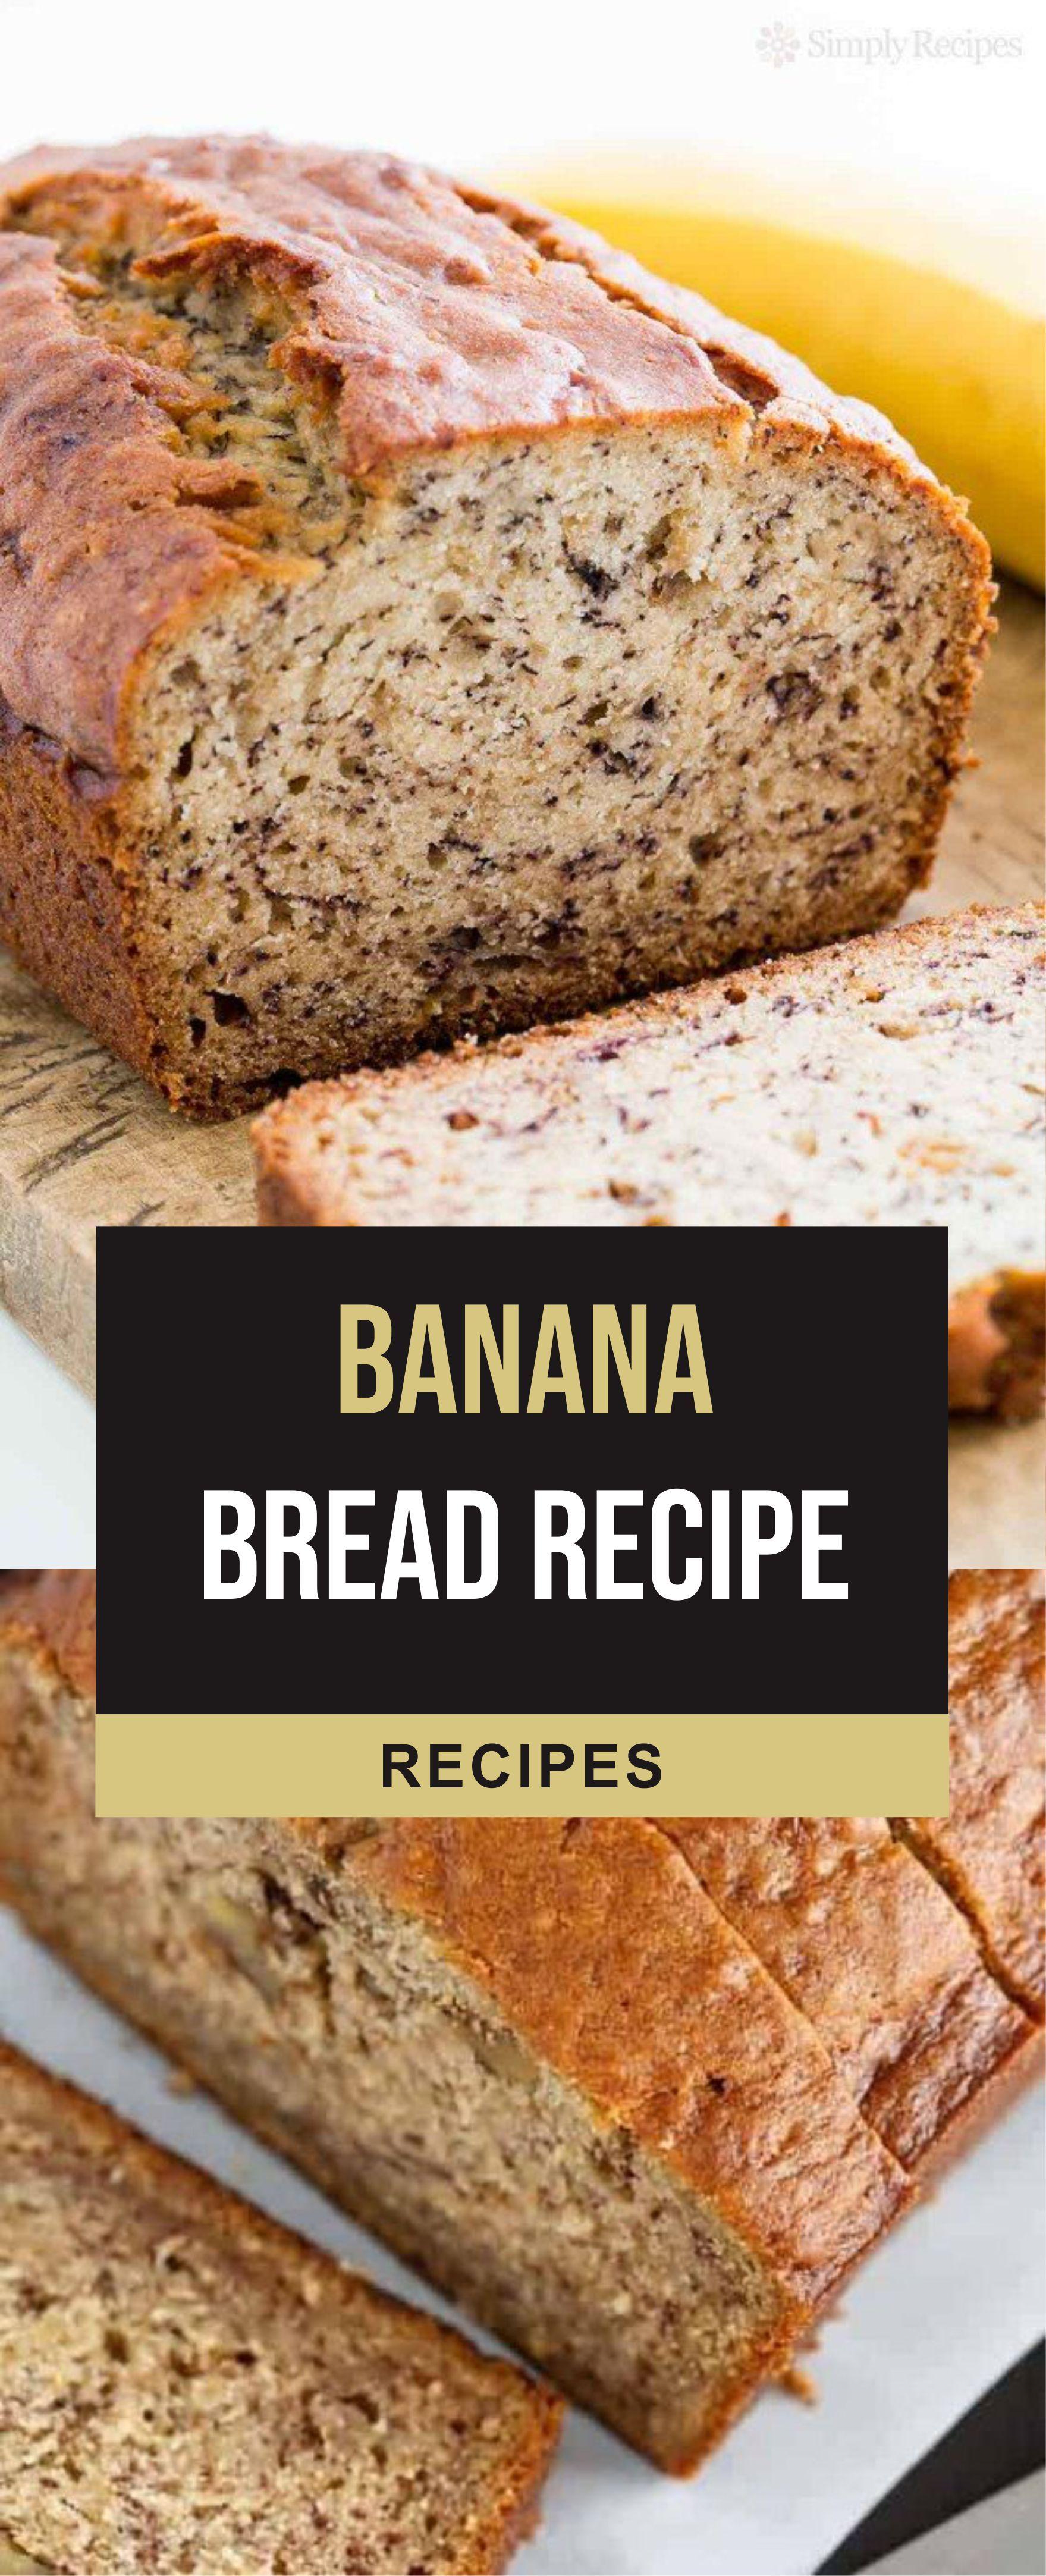 Banana Bread Recipe In 2020 Banana Bread Recipes Easy Baking Recipes Baking Recipes